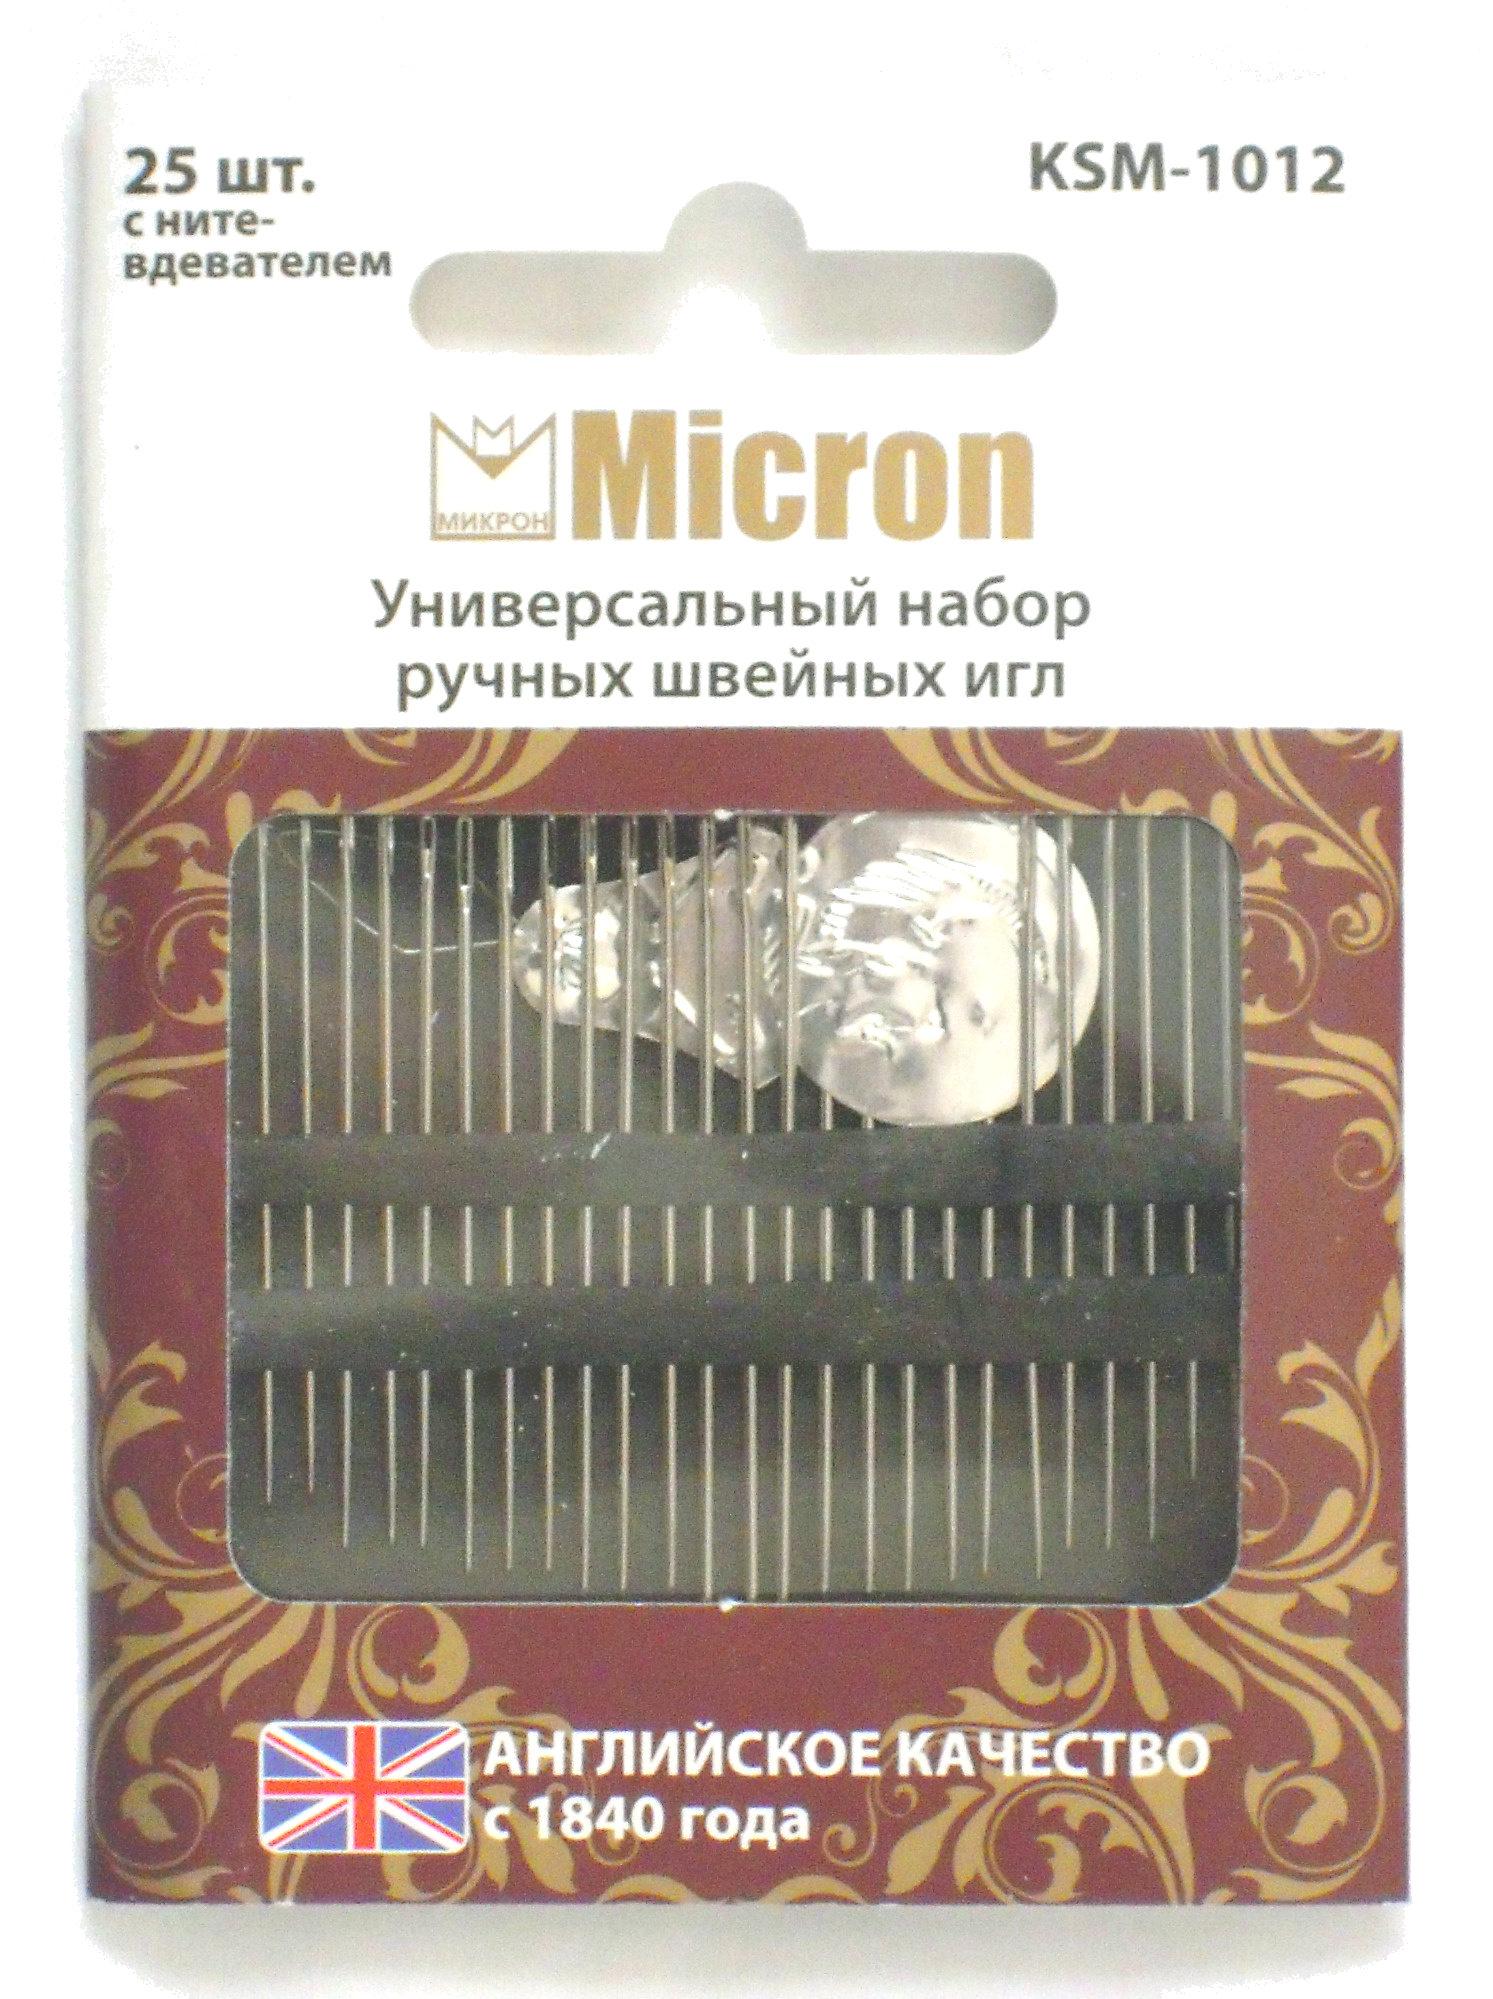 Универсальный набор ручных швейных игл [KSM-1012] - Product